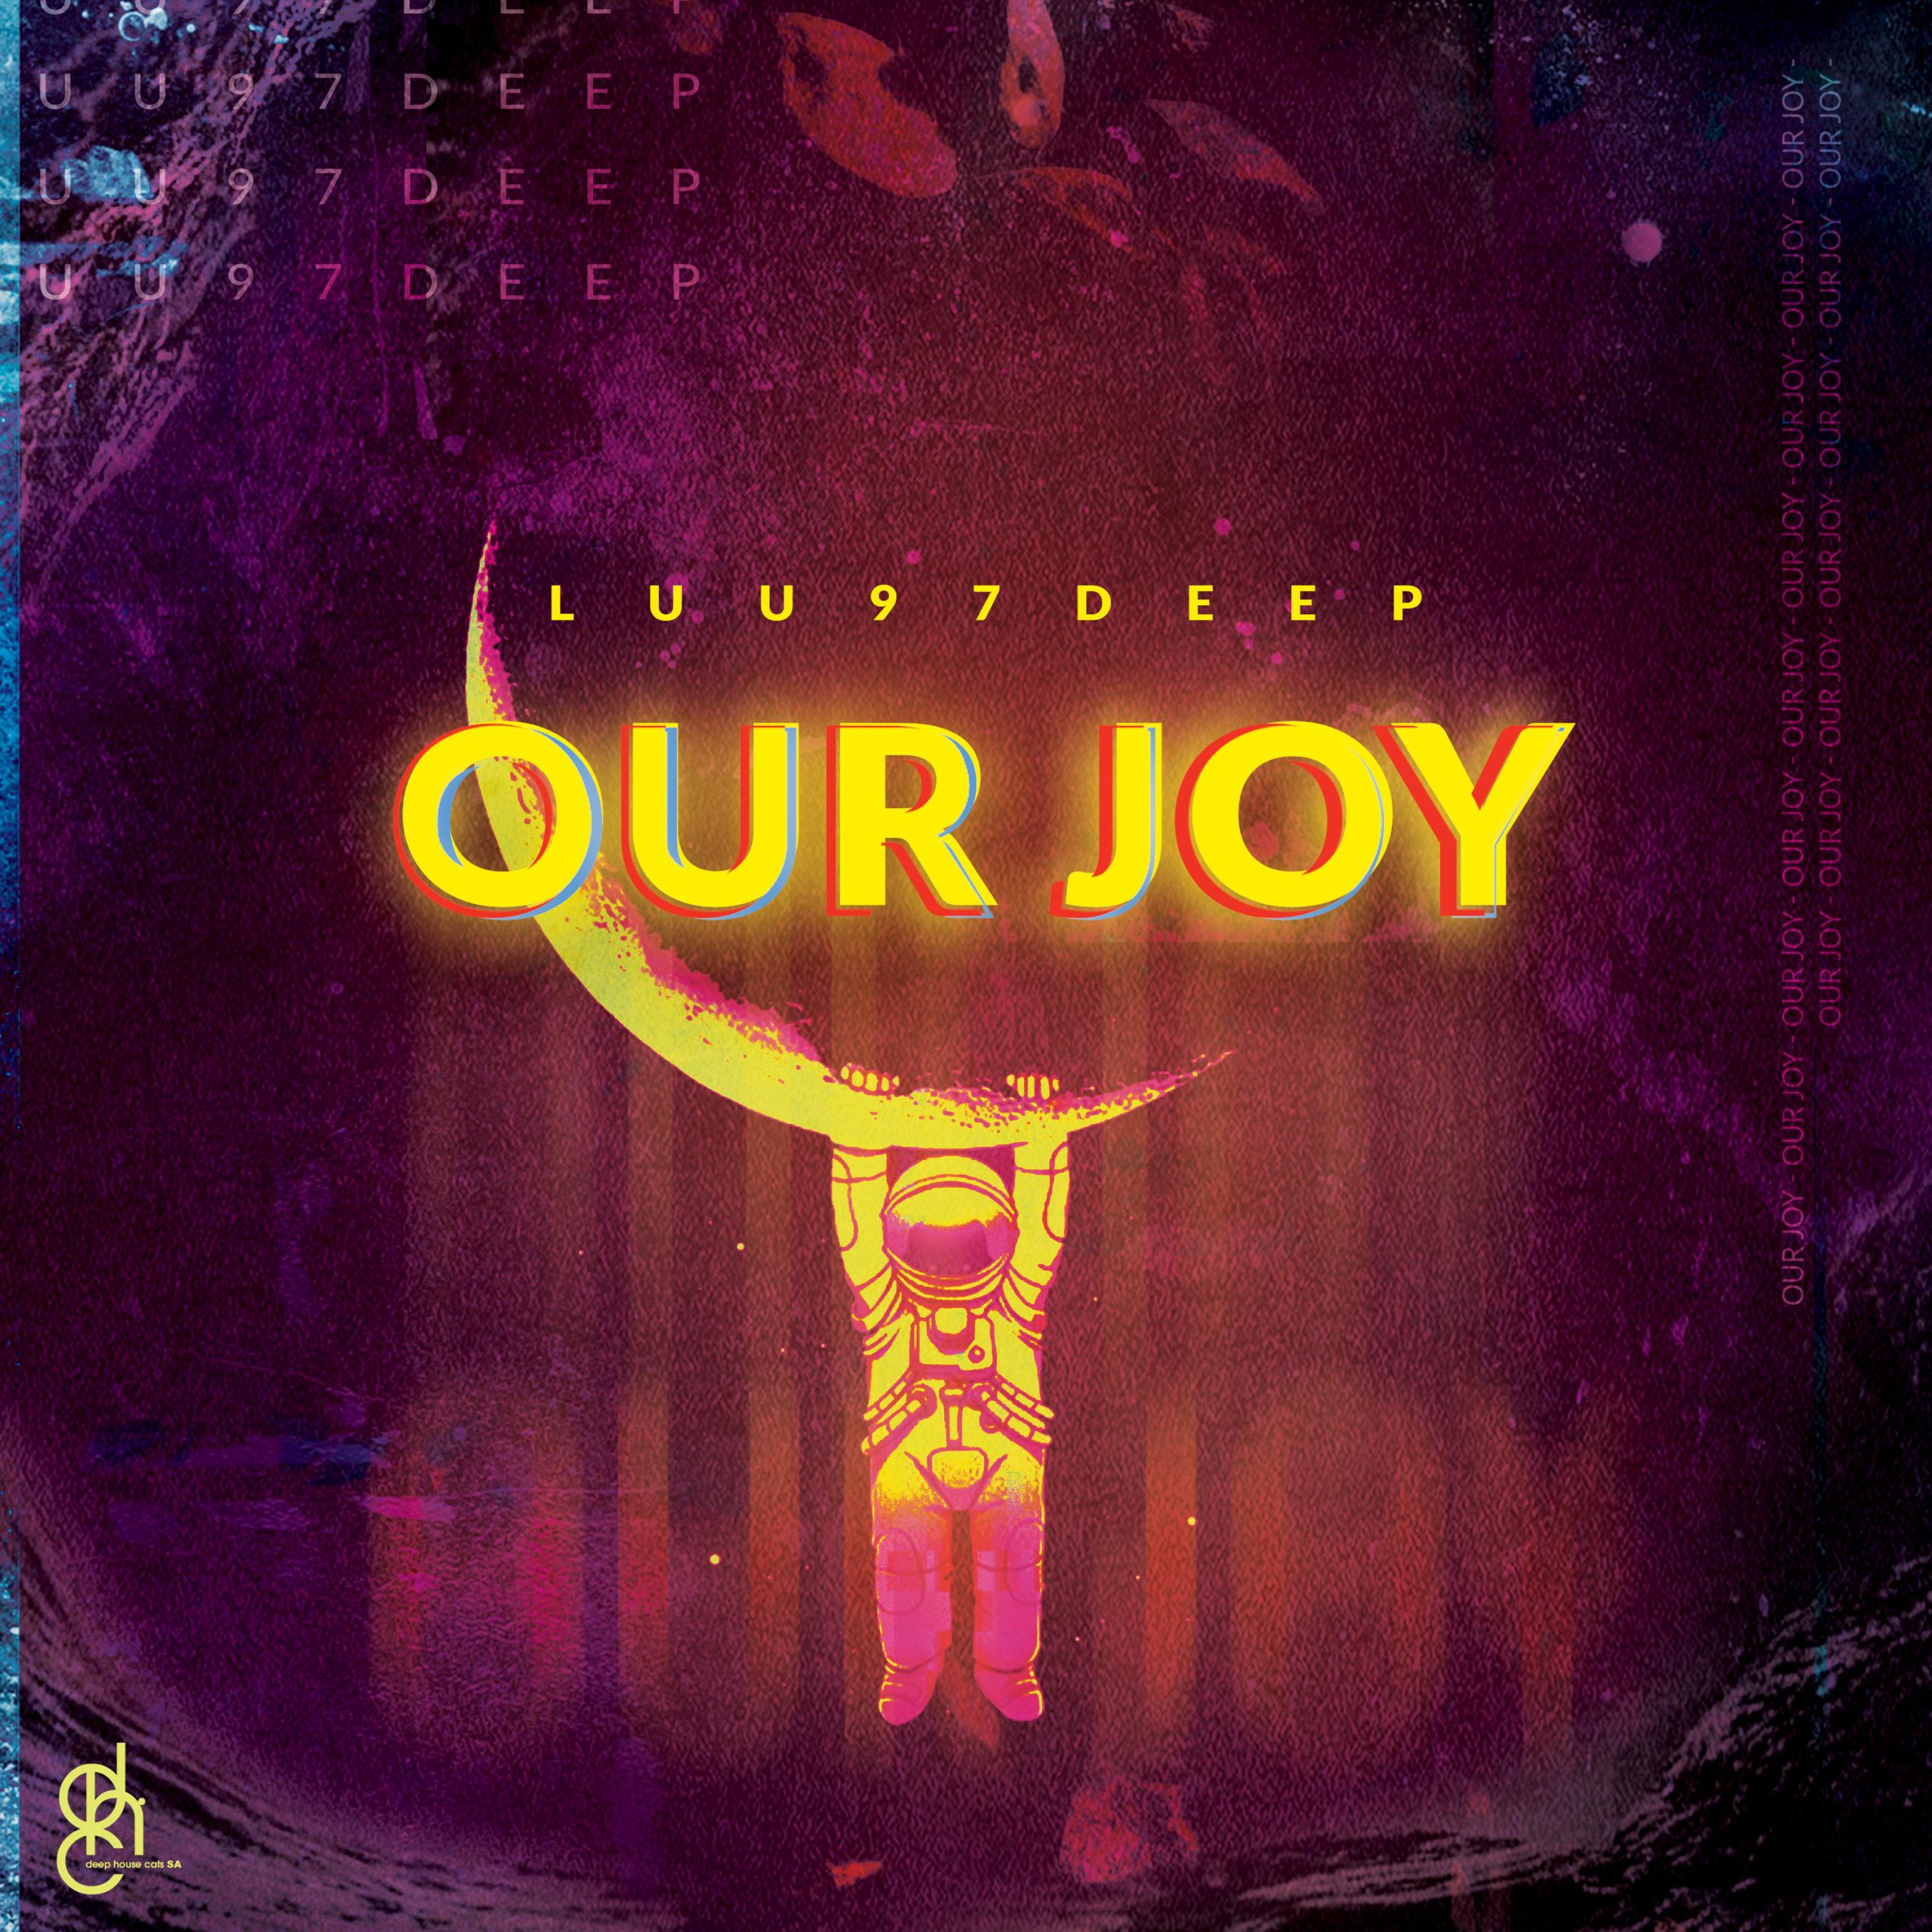 Our Joy2